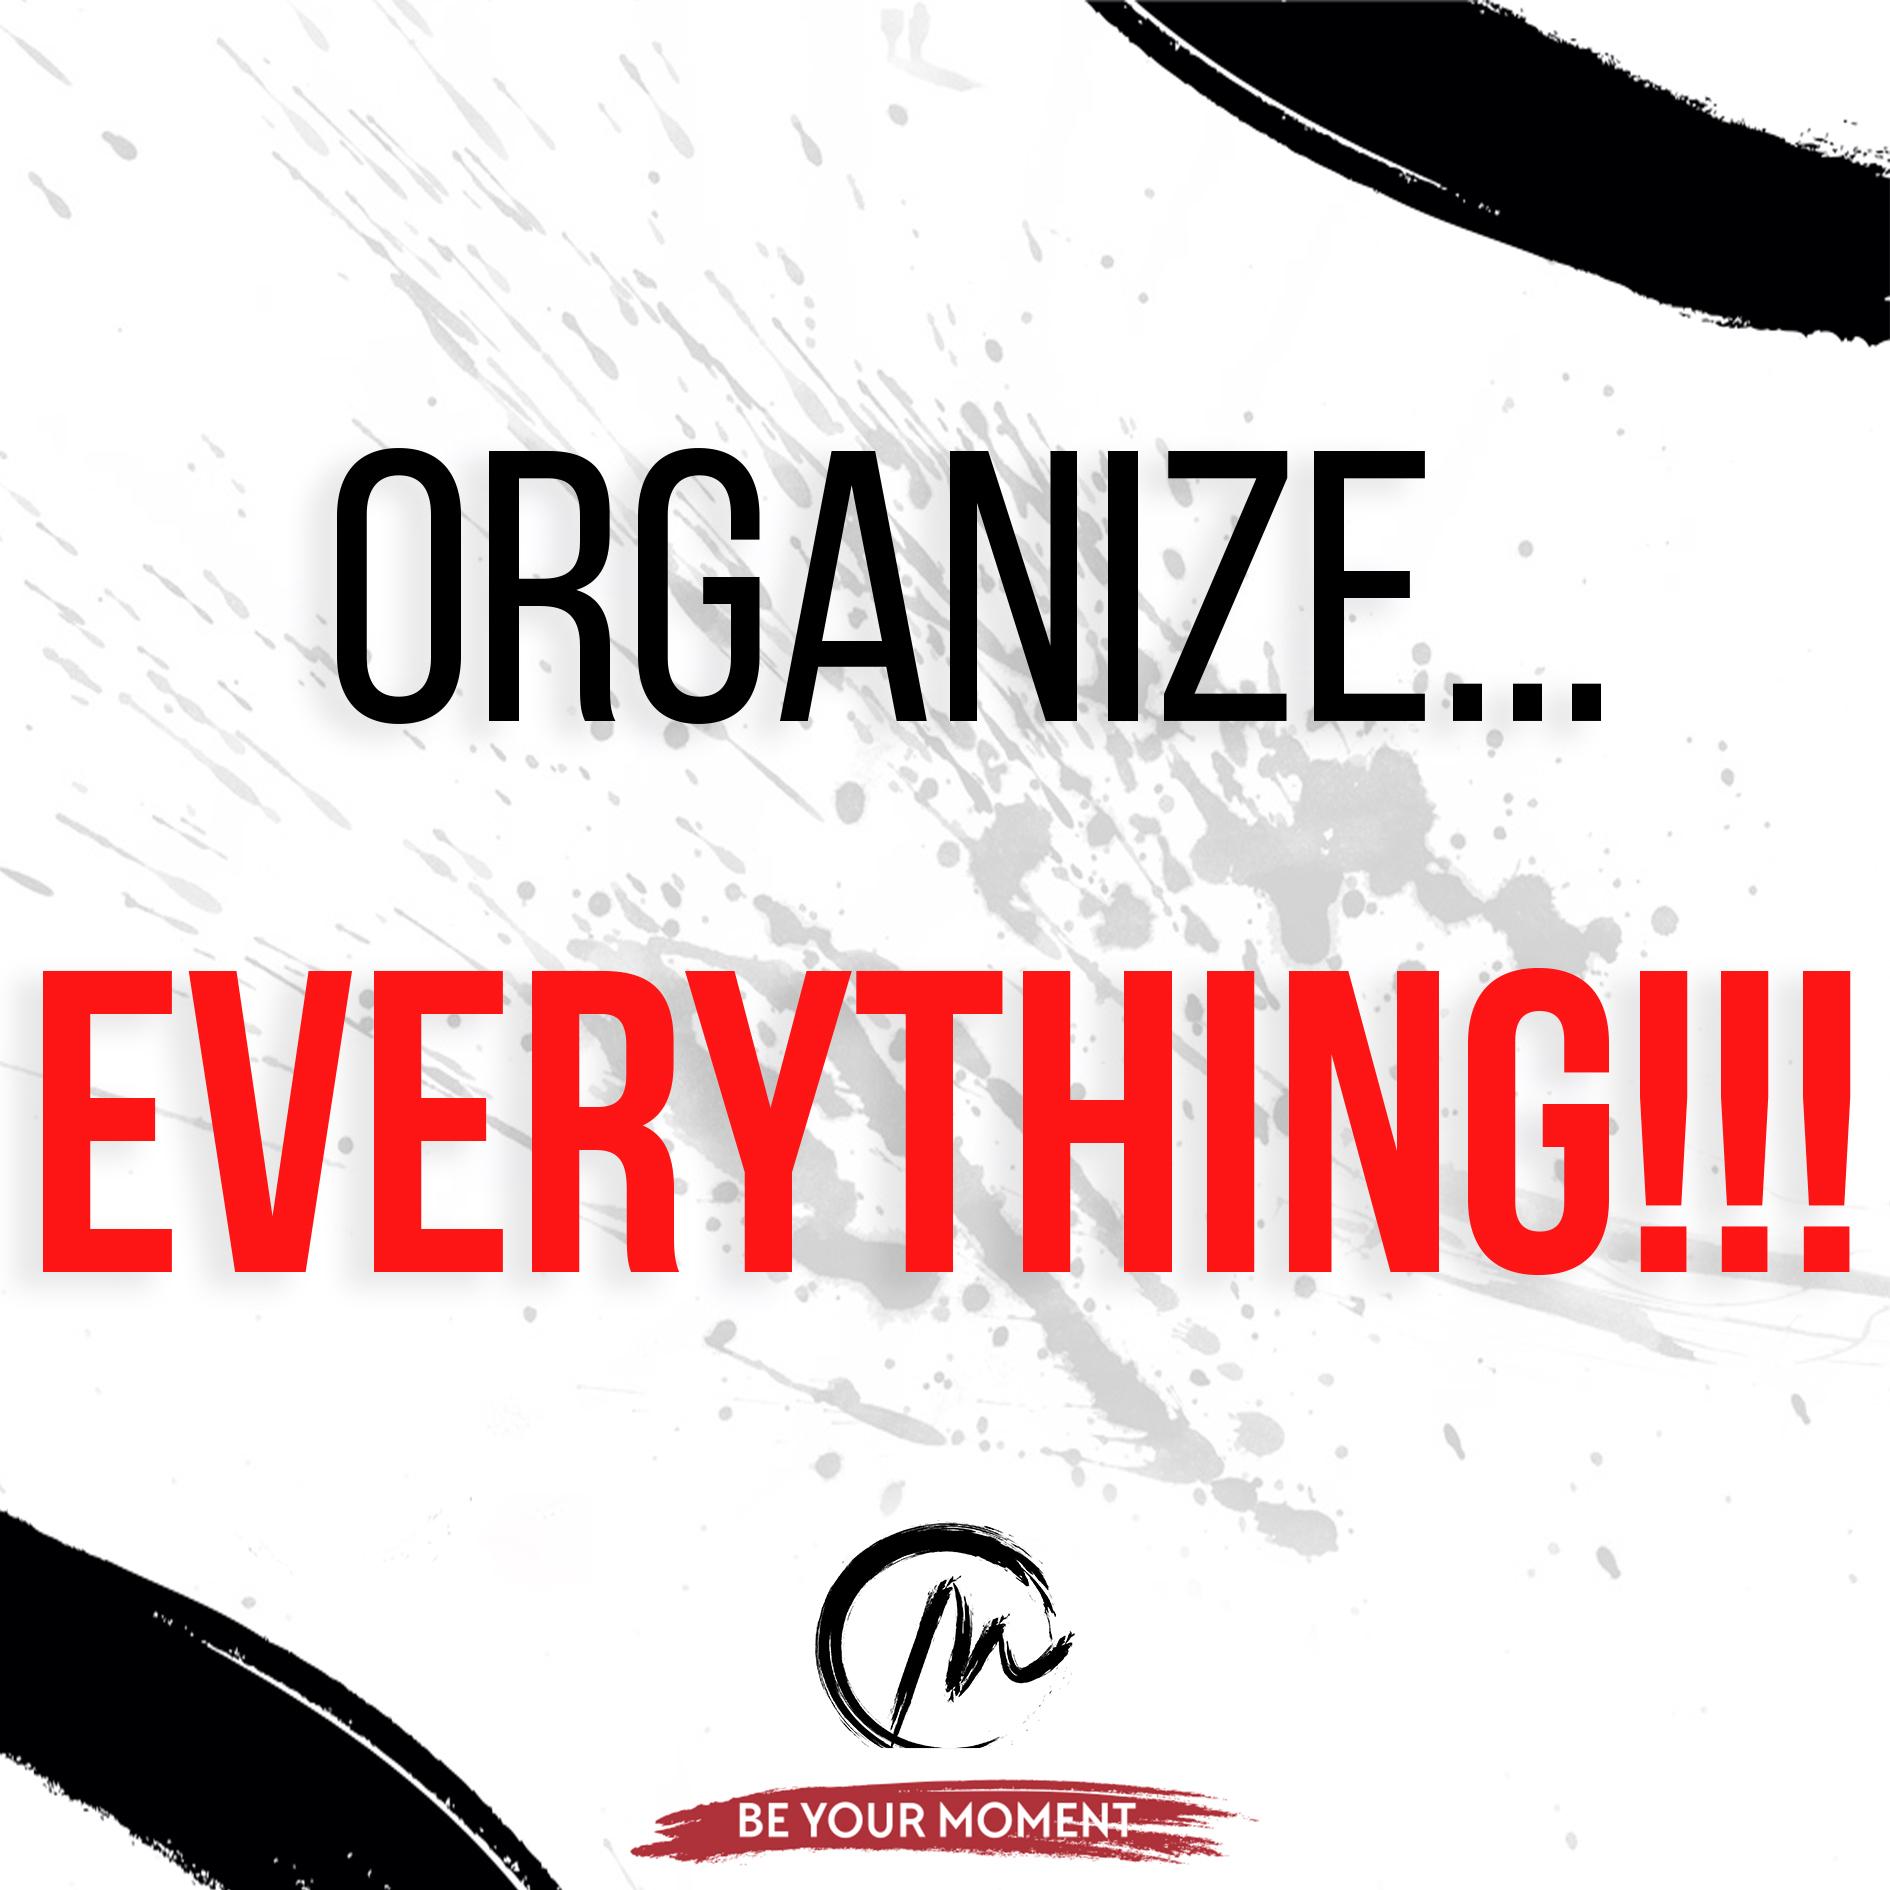 1. Oranize...EVERYTHING!!!.jpeg